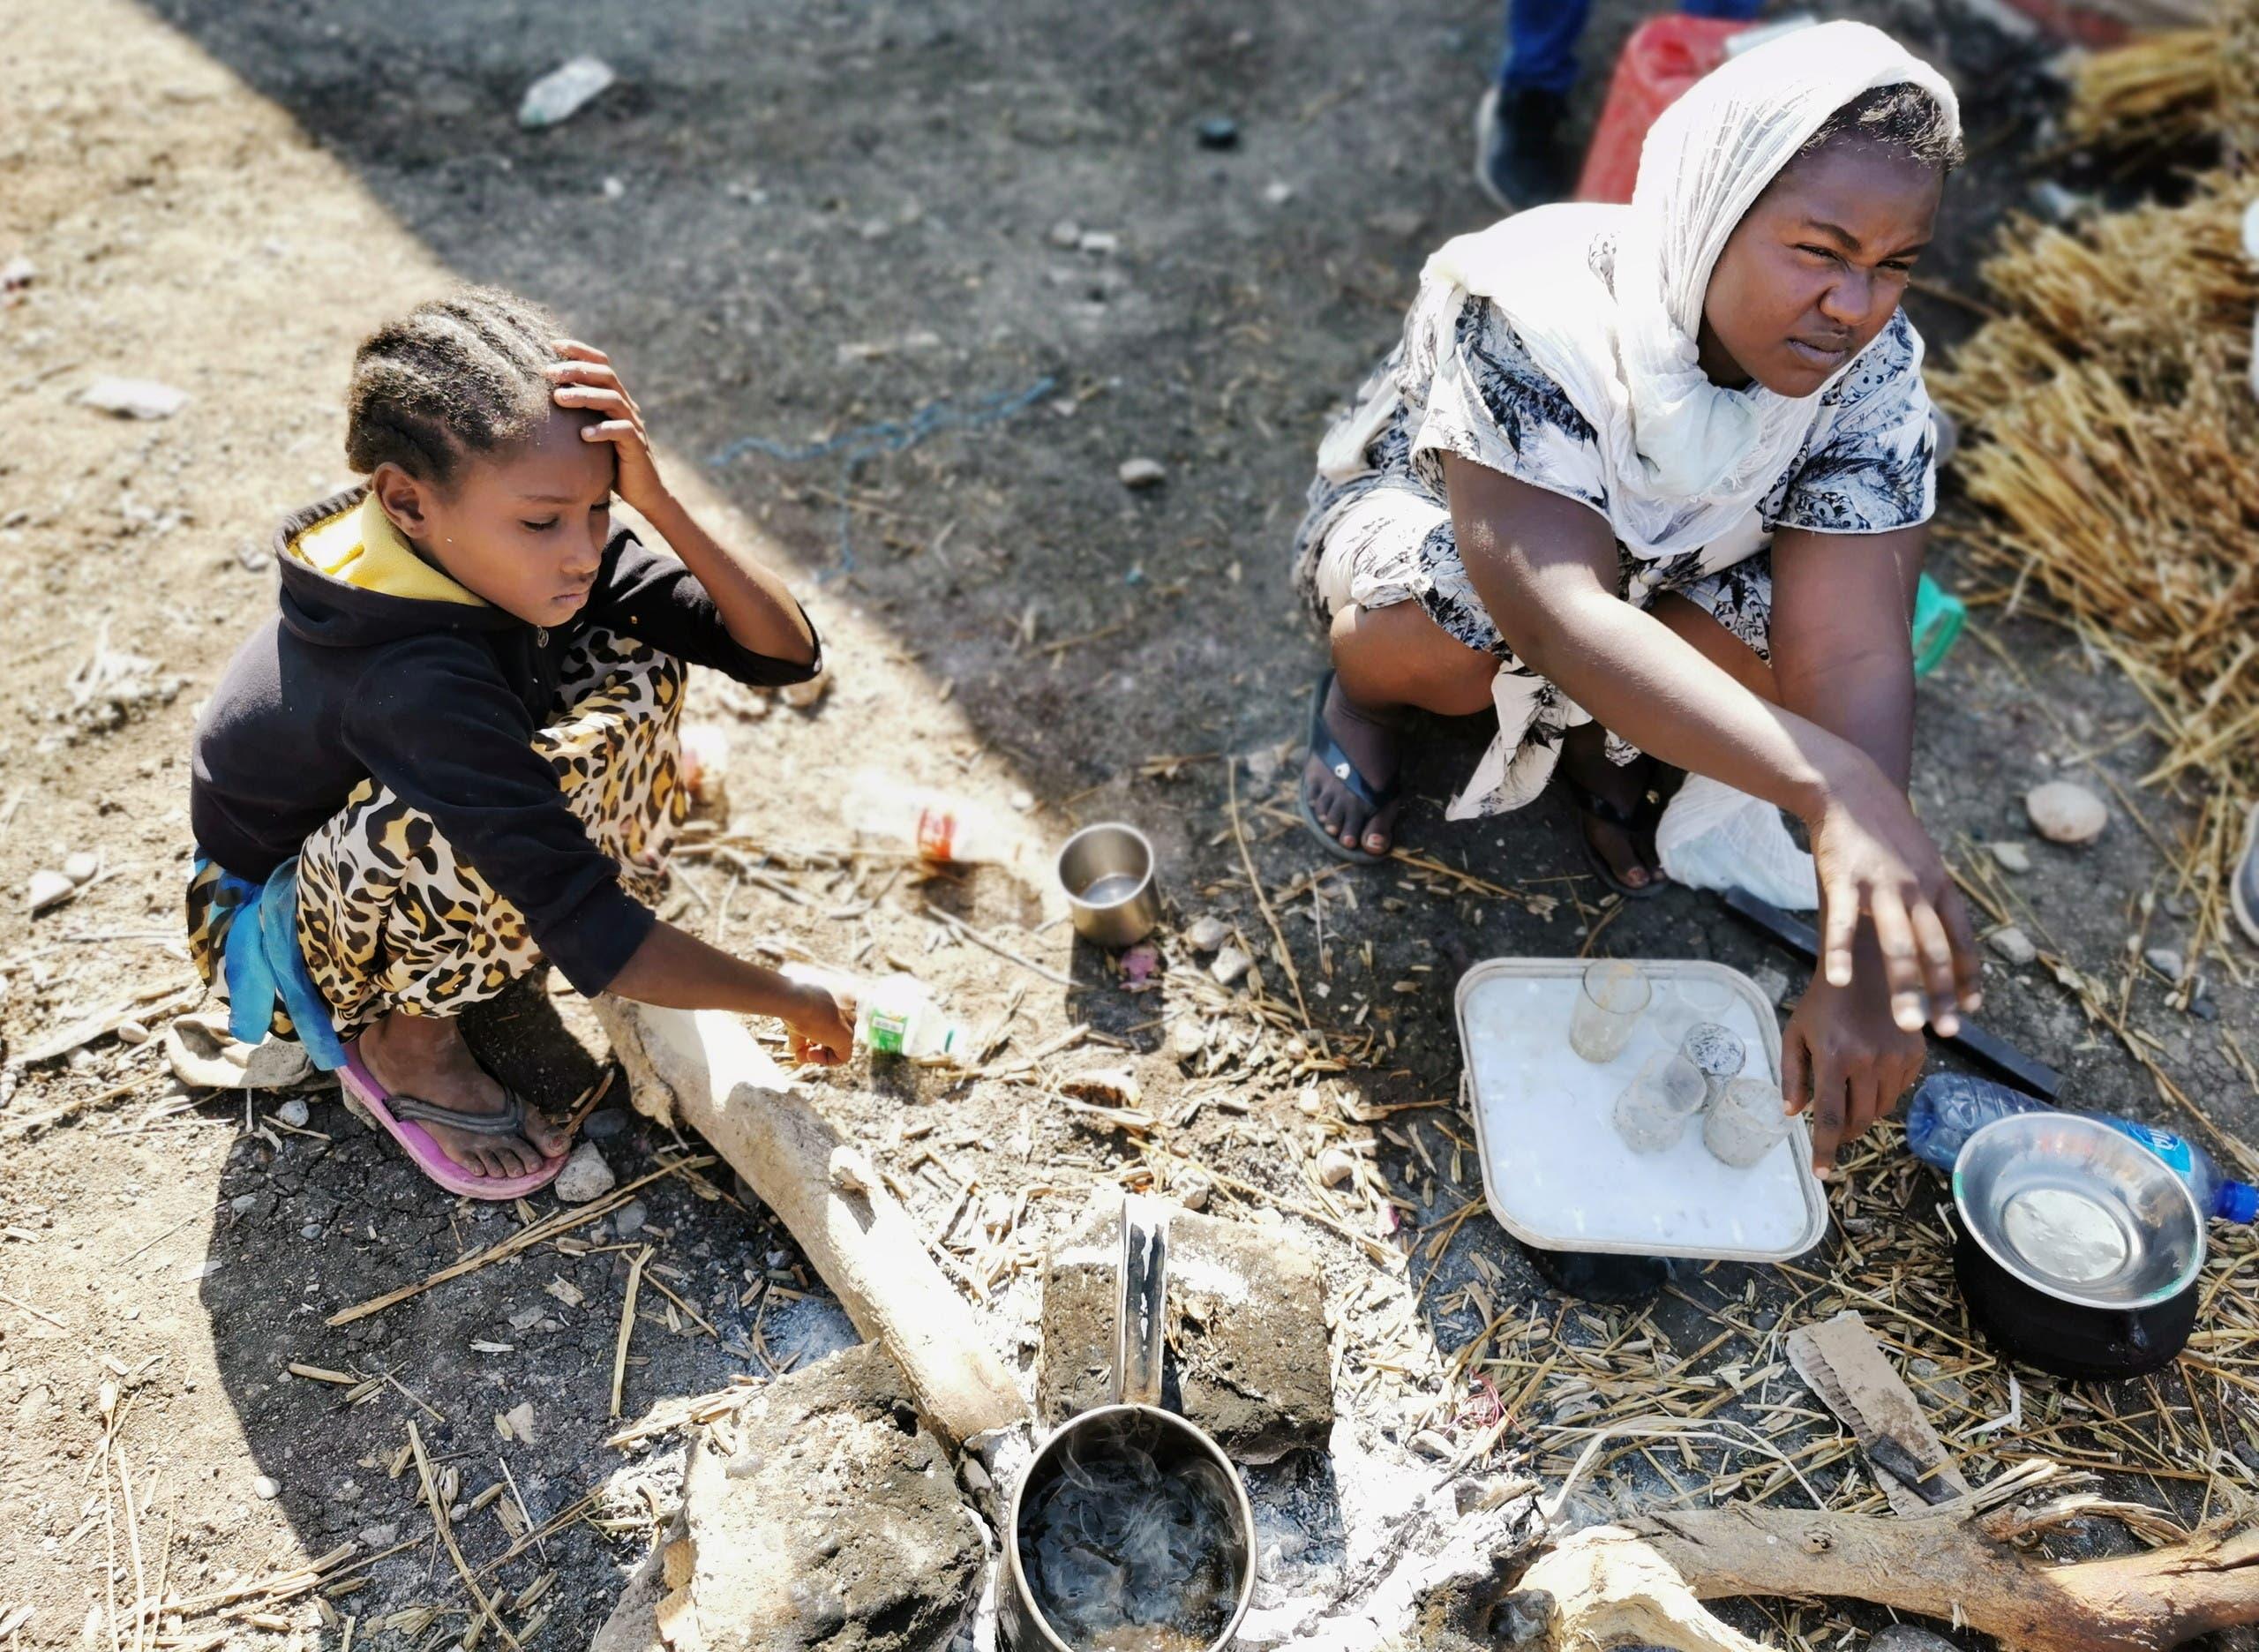 أطفال إثيوبيون فروا من القتال الدائر بتيغراي في مخيم الفشقة للاجئين يوم 13 نوفمبر 2020